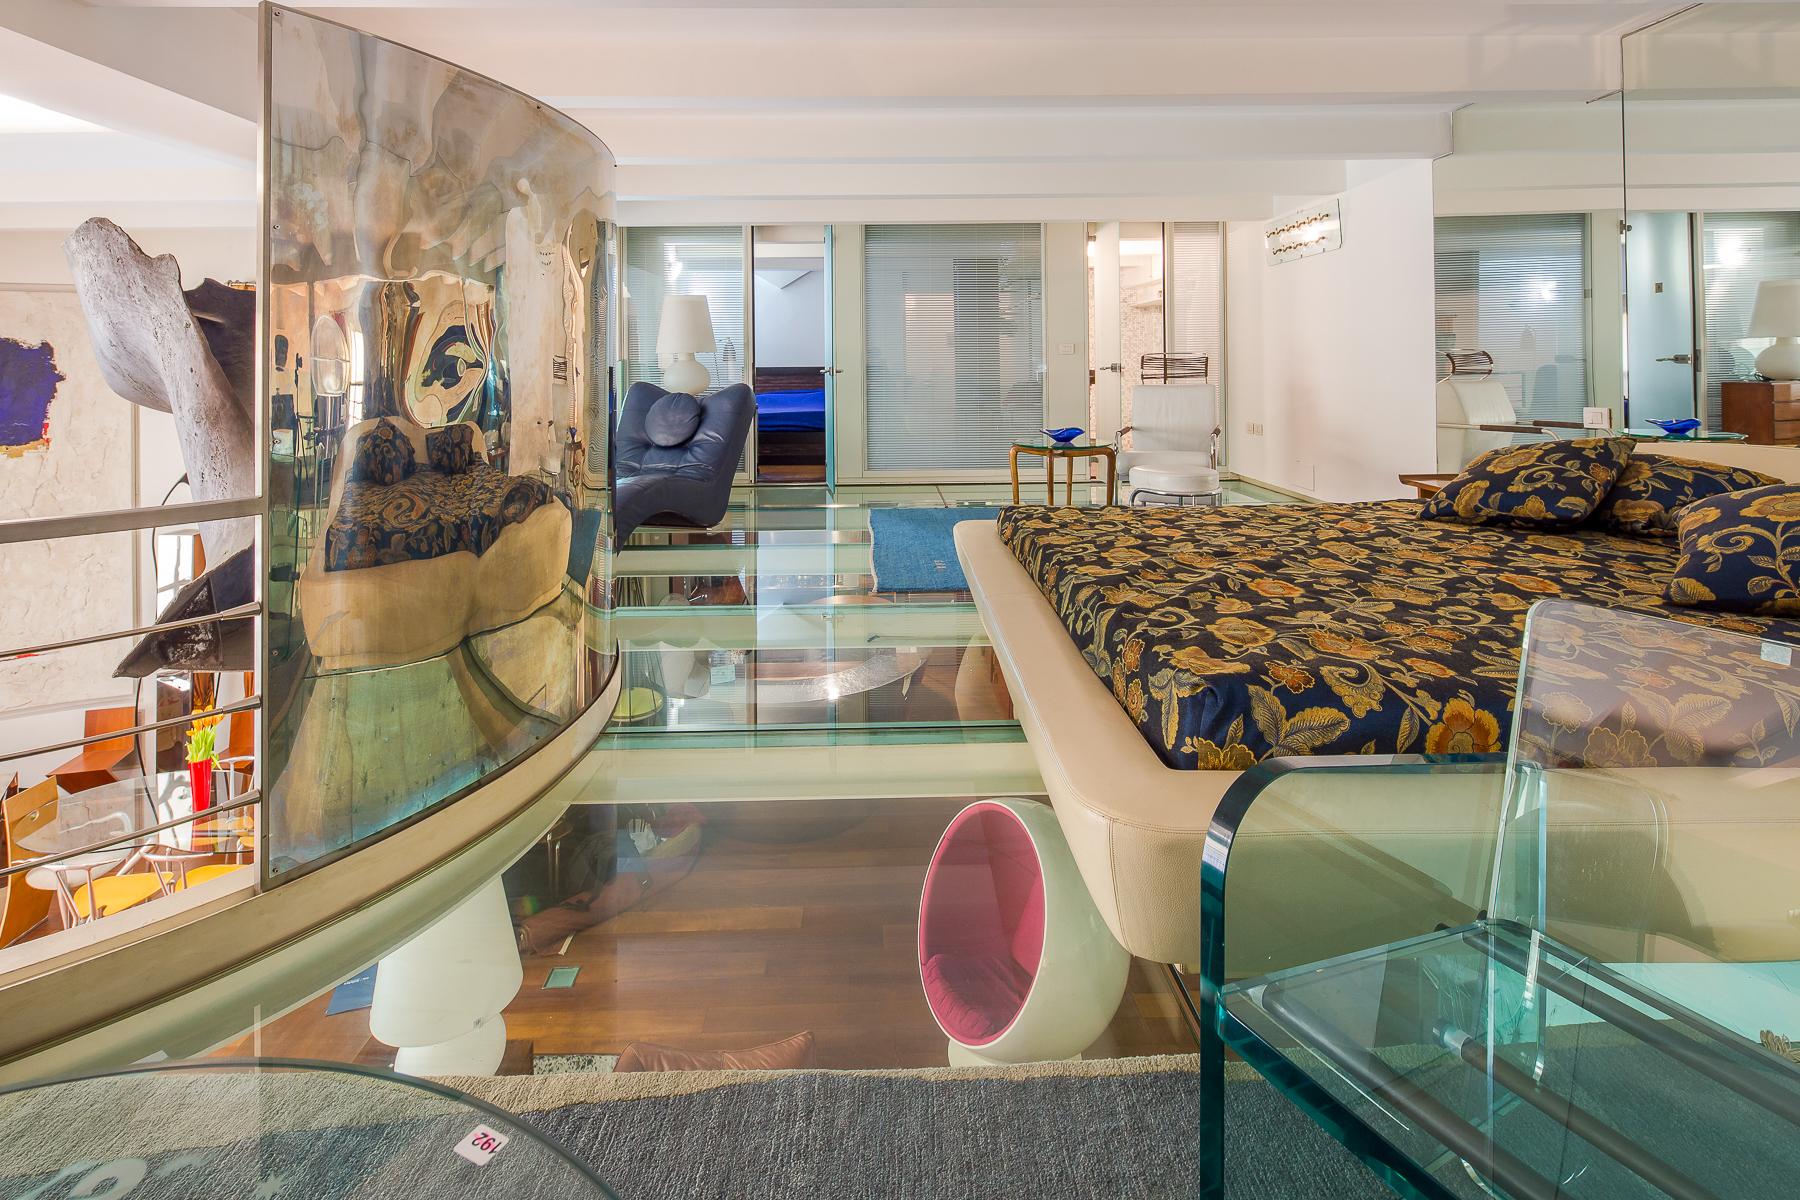 Casa indipendente in Vendita a Milano: 5 locali, 330 mq - Foto 11